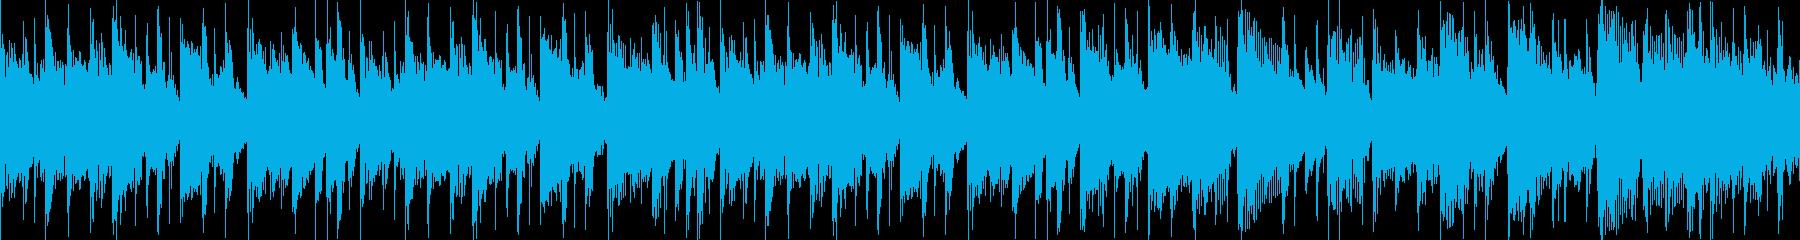 汎用BGM/クール(LOOP対応)の再生済みの波形